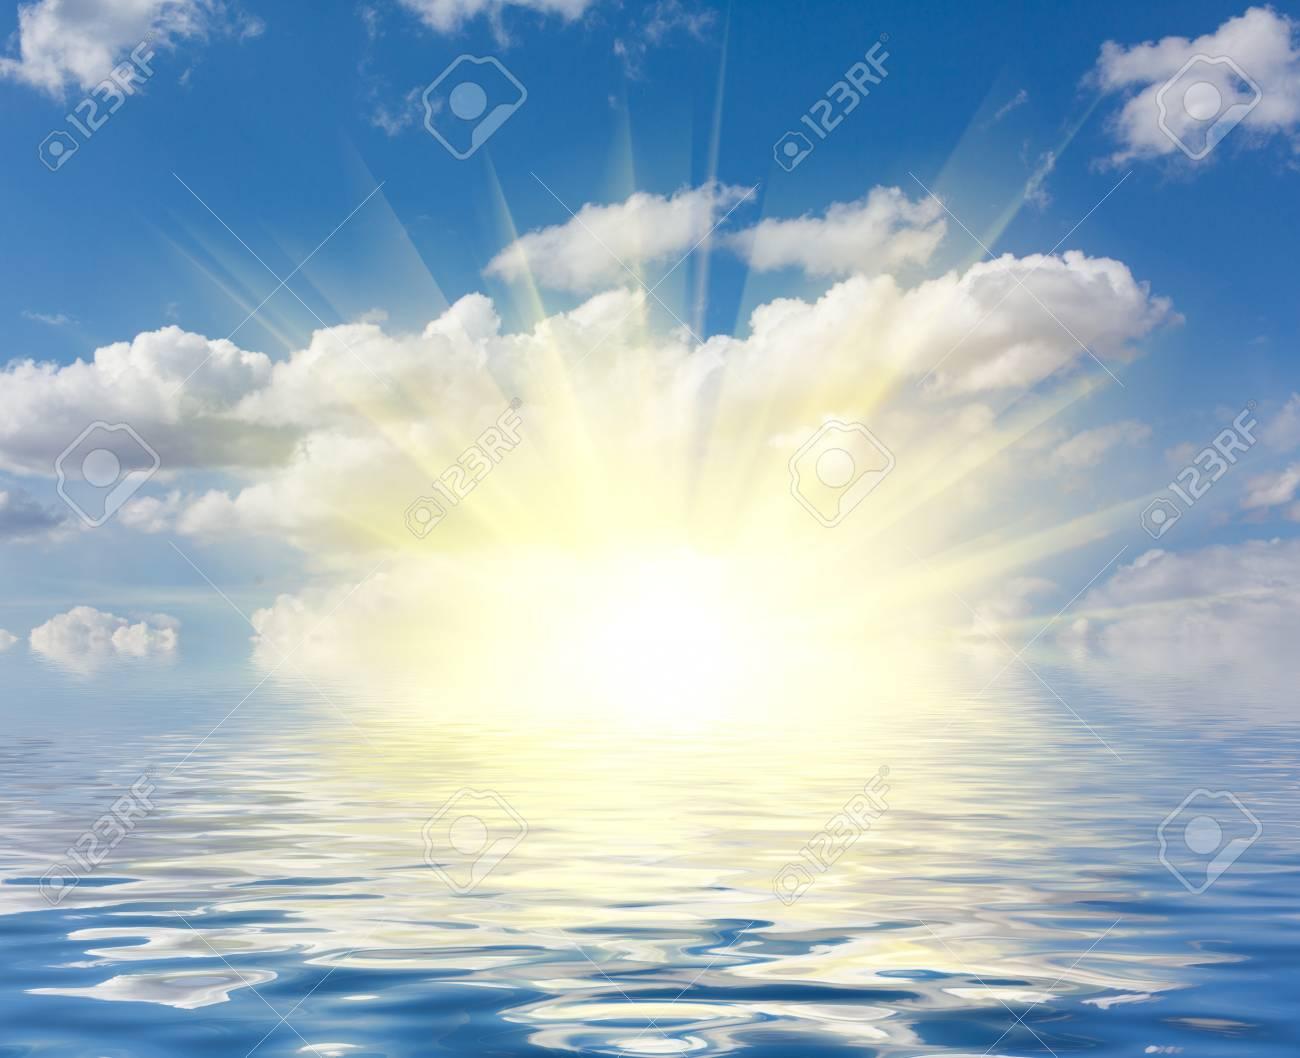 完璧な空と明るい日差しと海の水 の写真素材・画像素材 Image 45664006.